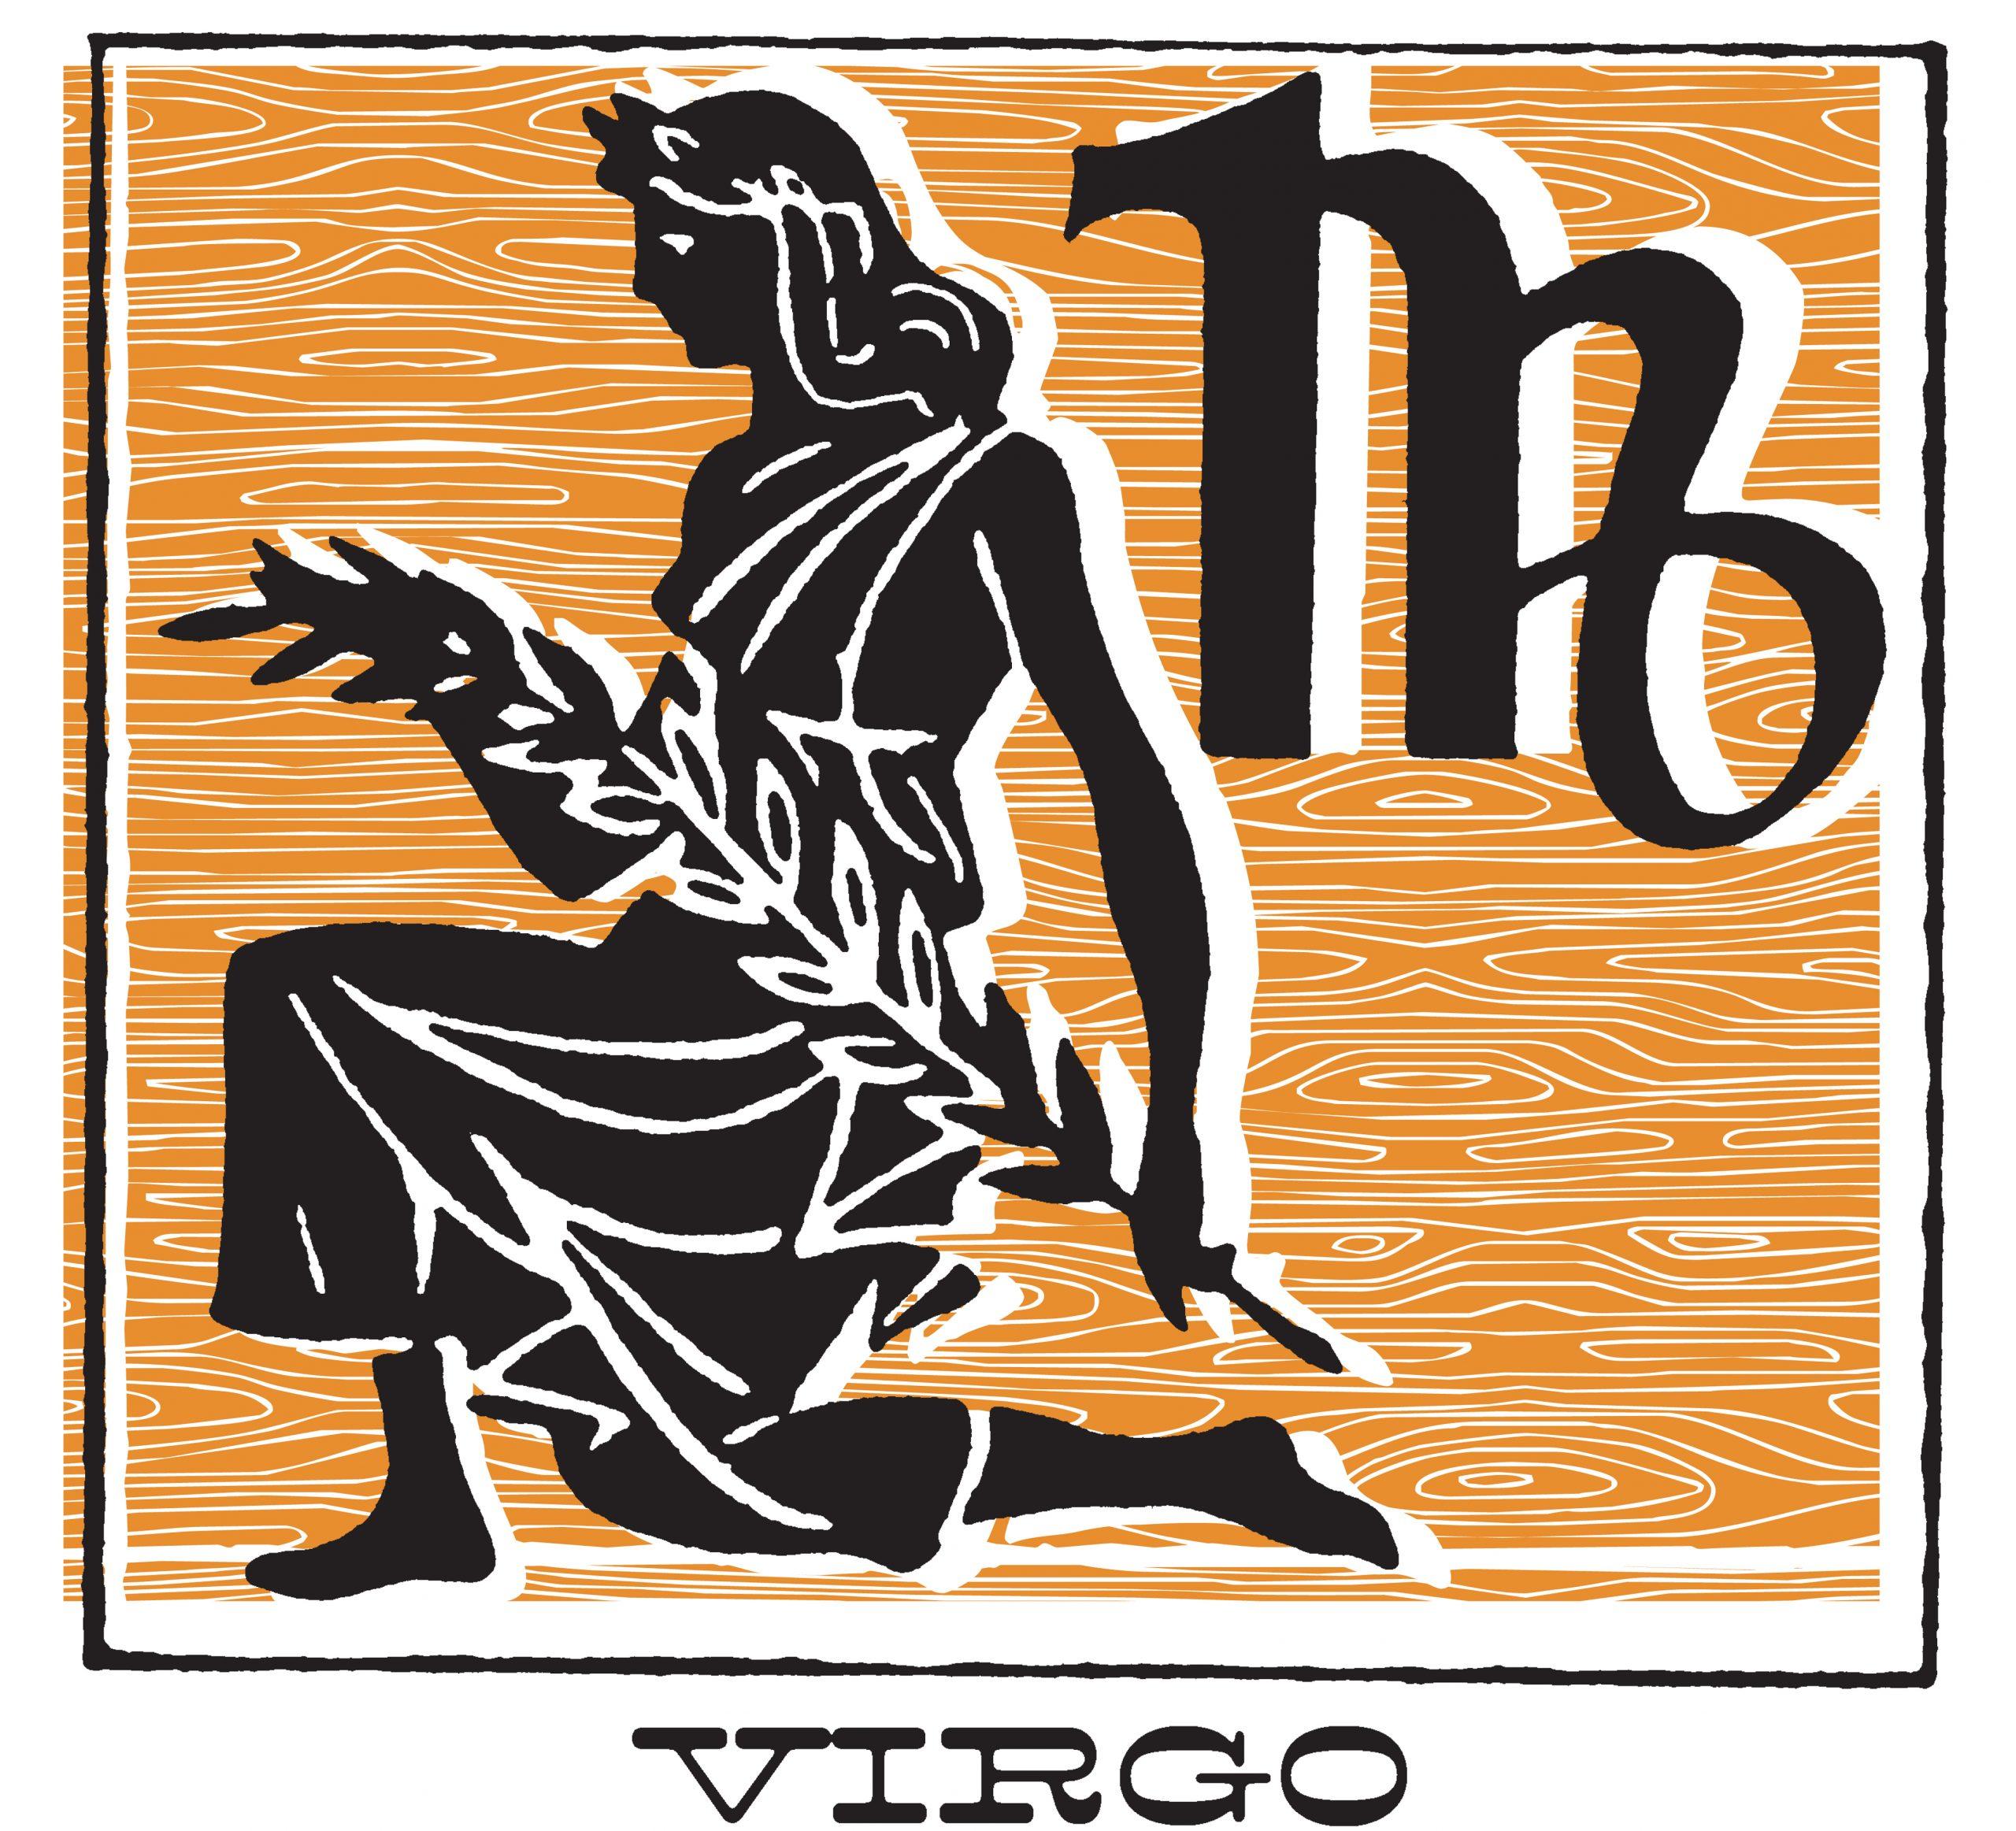 virgo caracteristicas signo zodiacal